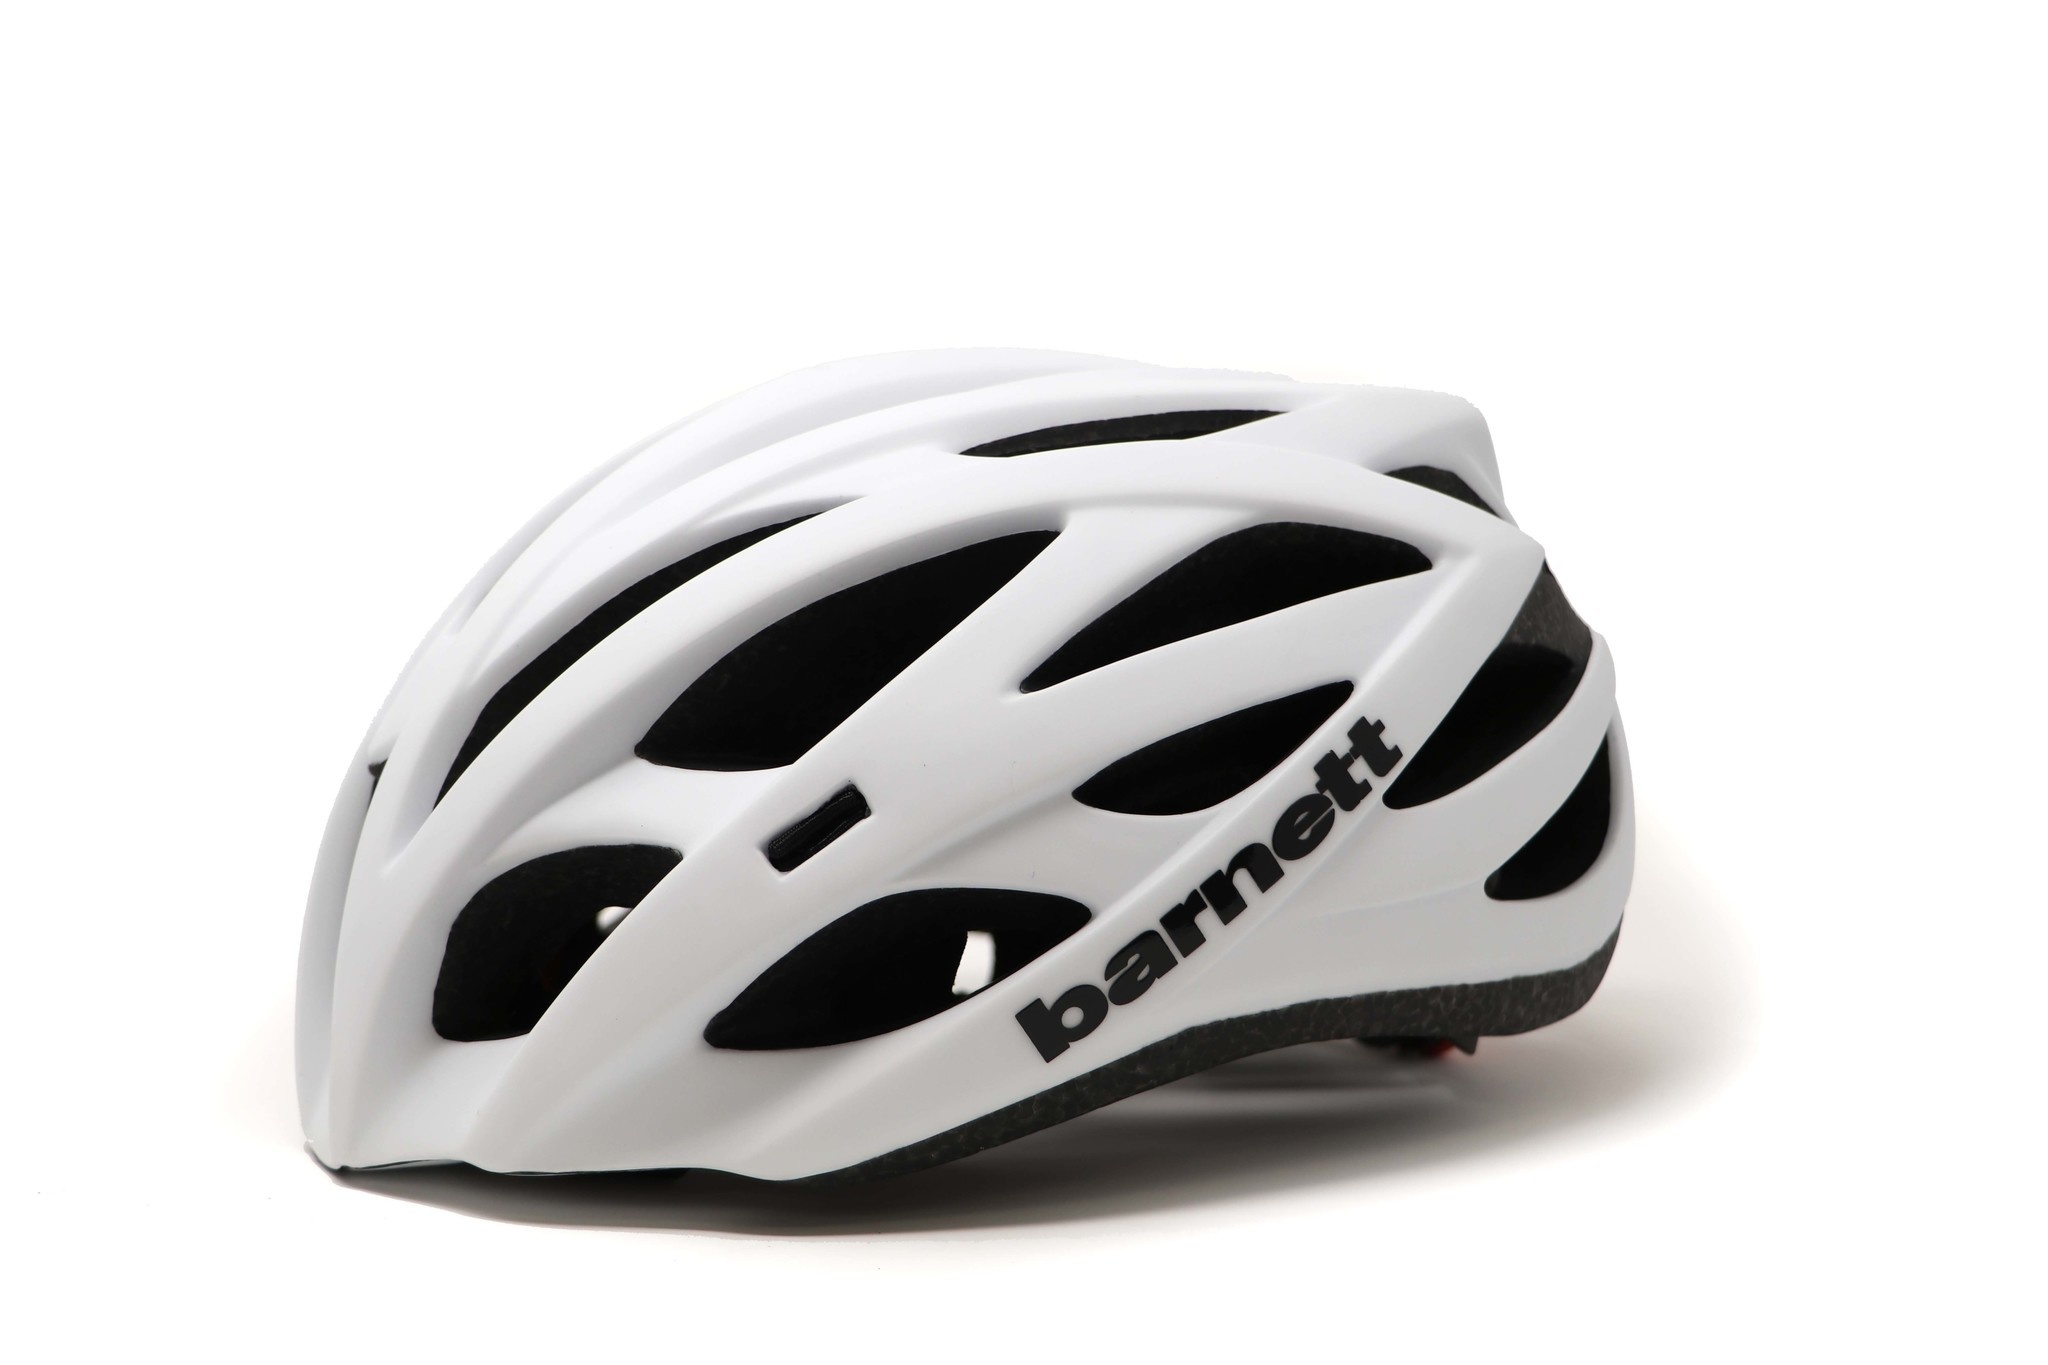 H93 Casco da bici e da sci BIANCO